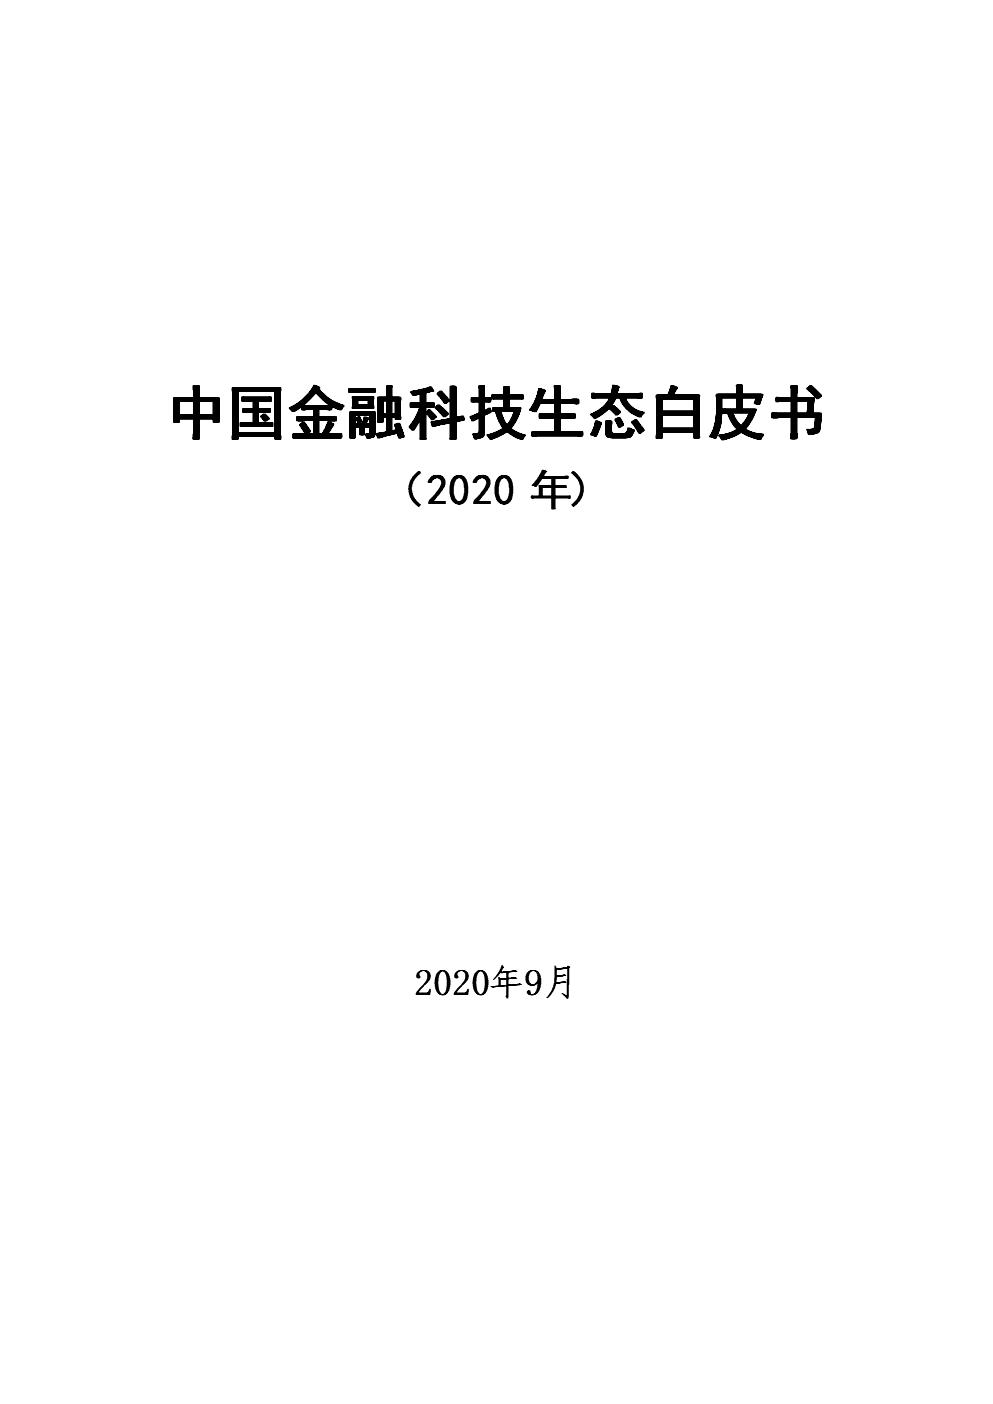 中国金融科技生态白皮书(2020年).docx